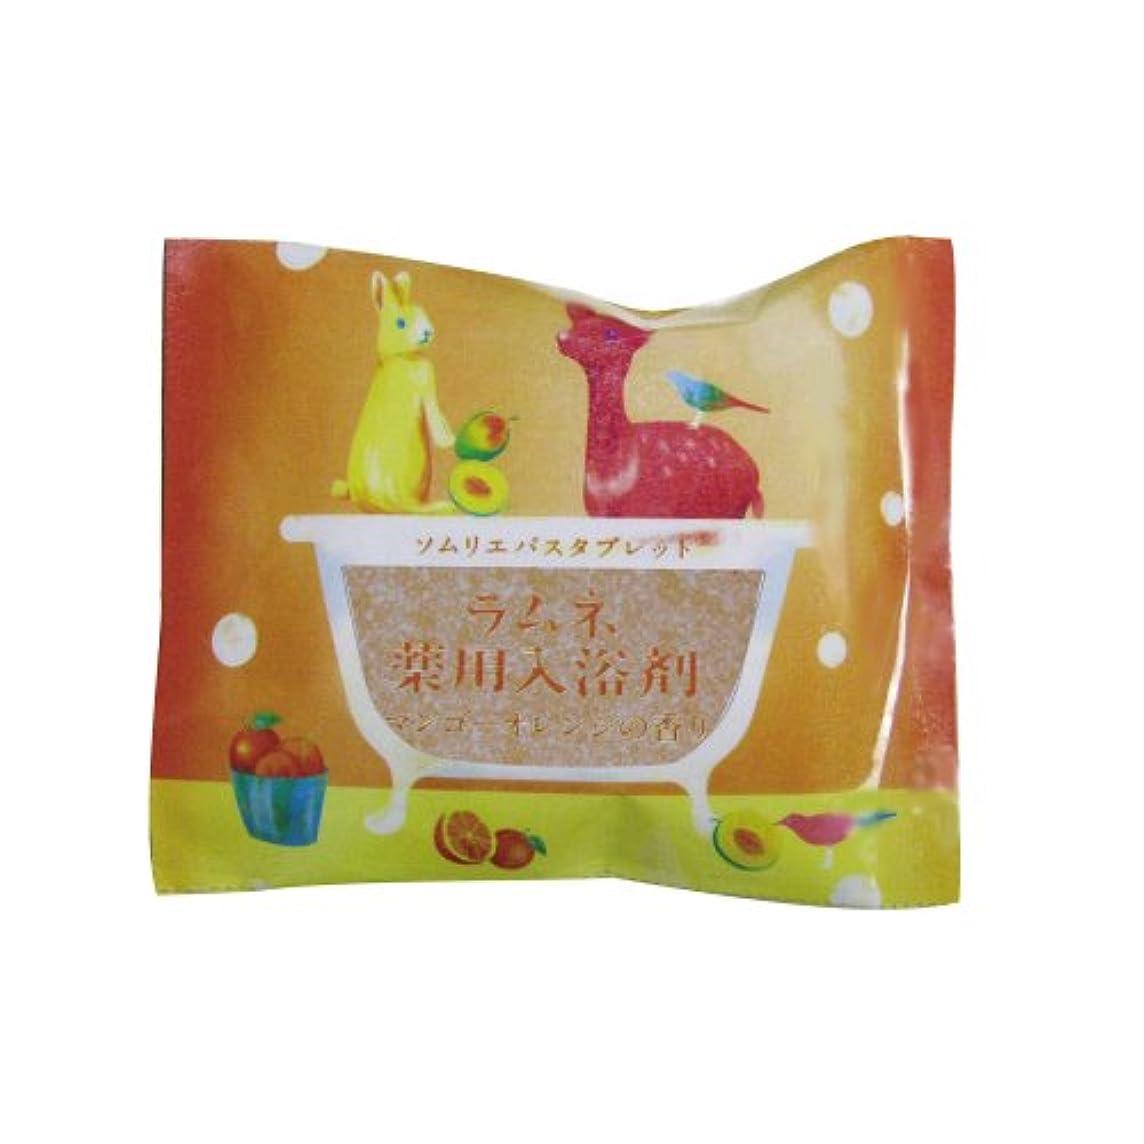 百万神社無ソムリエバスタブレット ラムネ薬用入浴剤 マンゴーオレンジの香り 12個セット